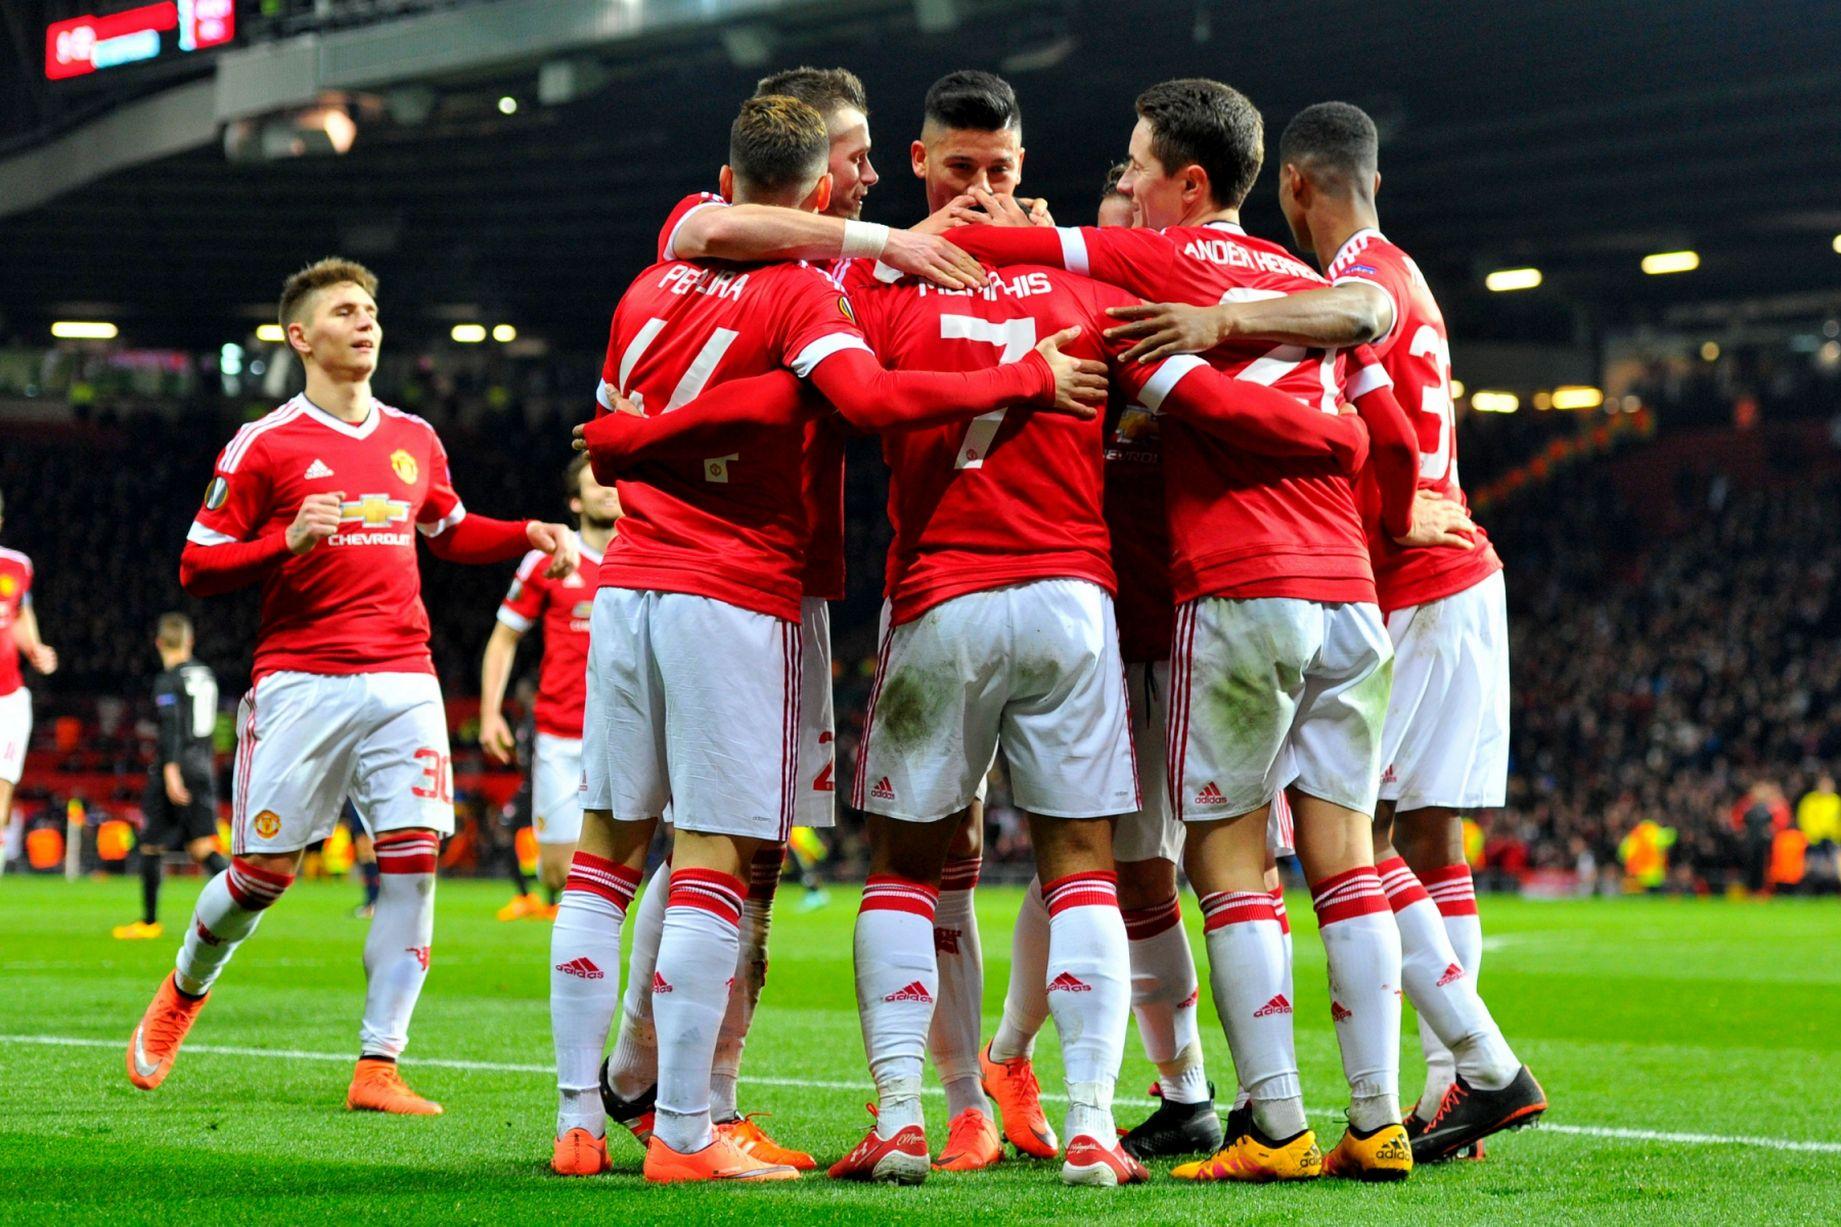 Tentang Kesuksesan Fana Manchester United Musim Ini Berita